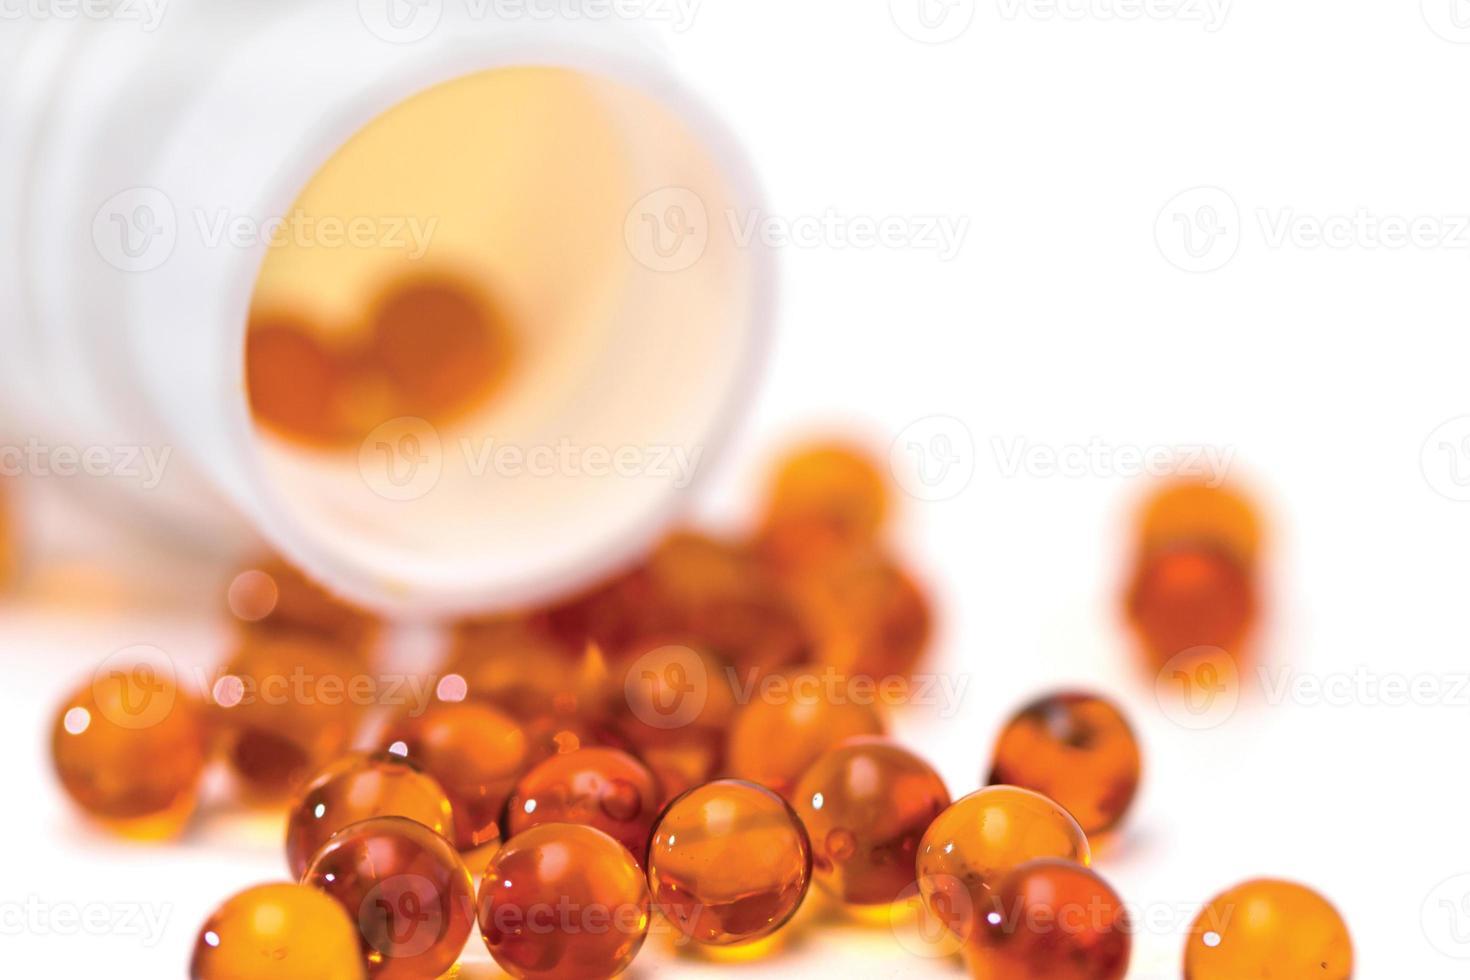 verschreibungspflichtige Medikamente Schmerzmittel und Medikamentenflasche foto